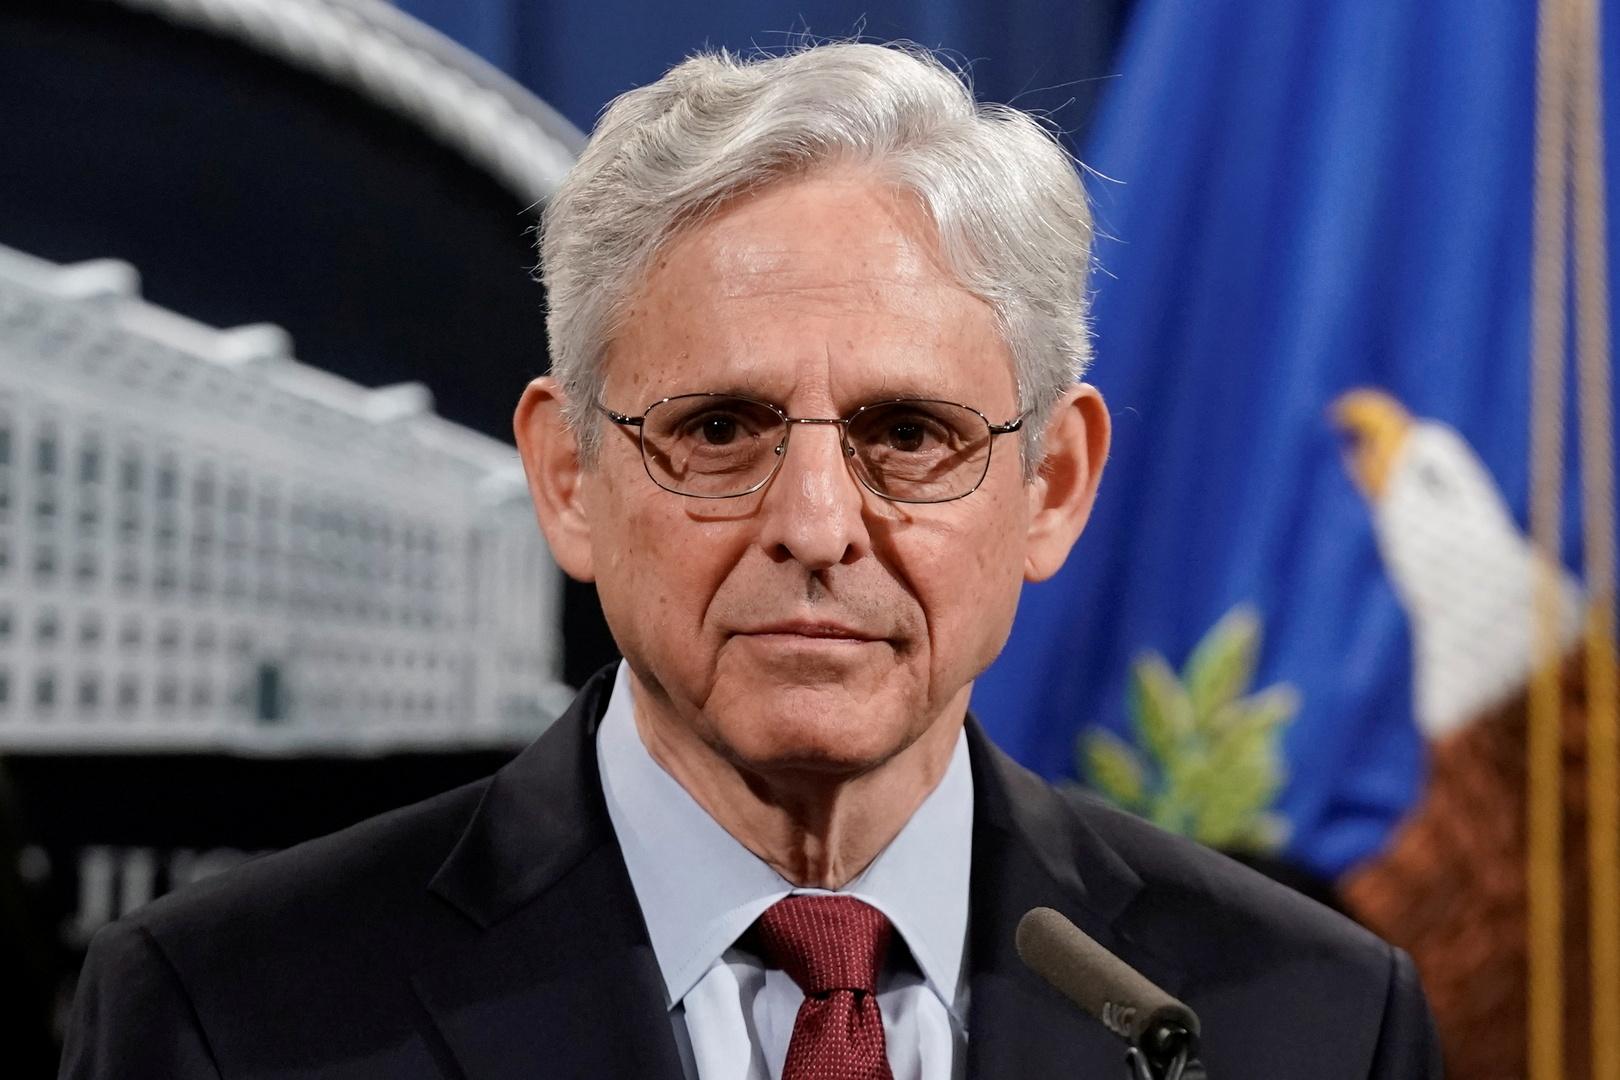 واشنطن: منع القضاء من إلزام وسائل الإعلام بالكشف عن مصادرها